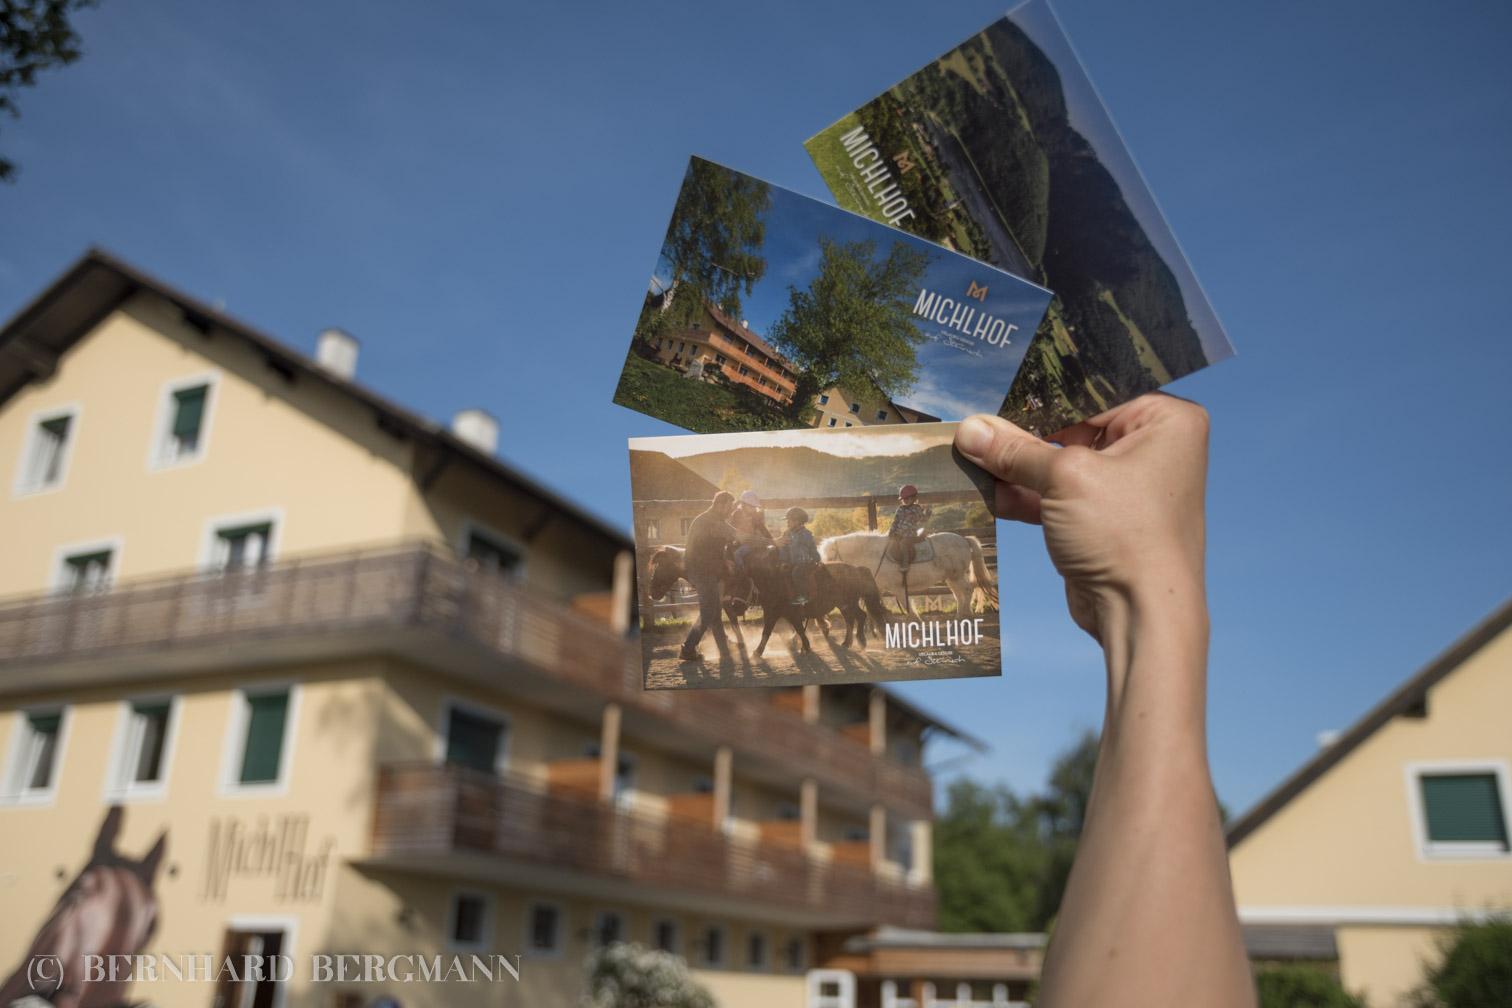 Ansichtskarten vom Michlhof